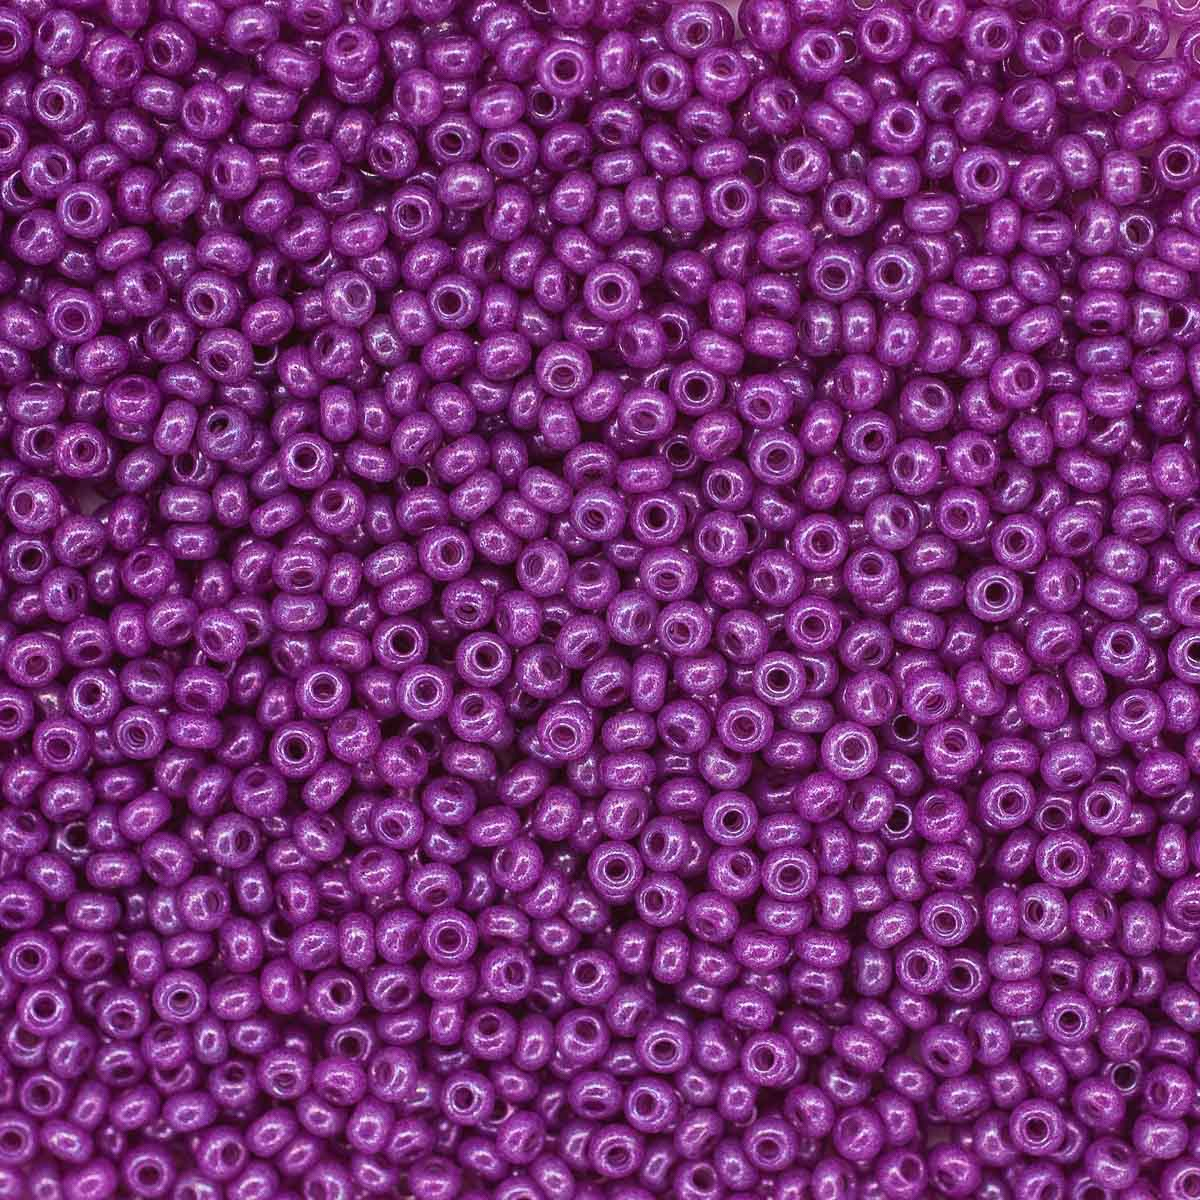 (17325) 331-19001-10/0 Бисер алебастр с блест.покрытием и цв.центром 10/0, круг.отв., 20гр Preciosa